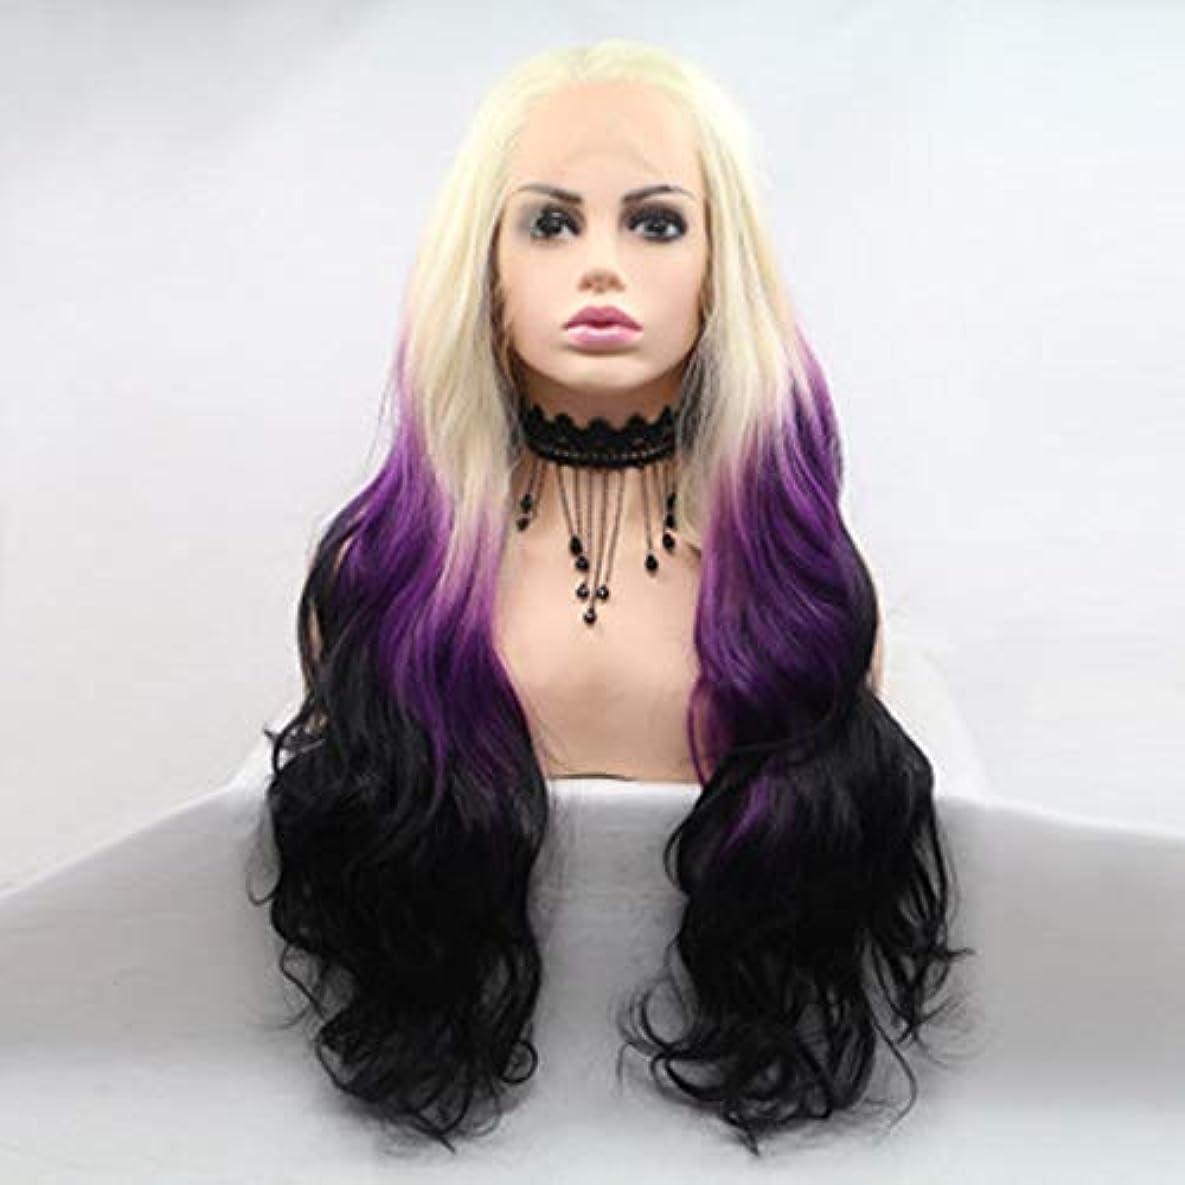 ボルトマットレス受け入れヘアピース 女性用ウィッグヨーロッパとアメリカのウィッグロングカーリーヘアパープルウィッグフロントレースウィッグ